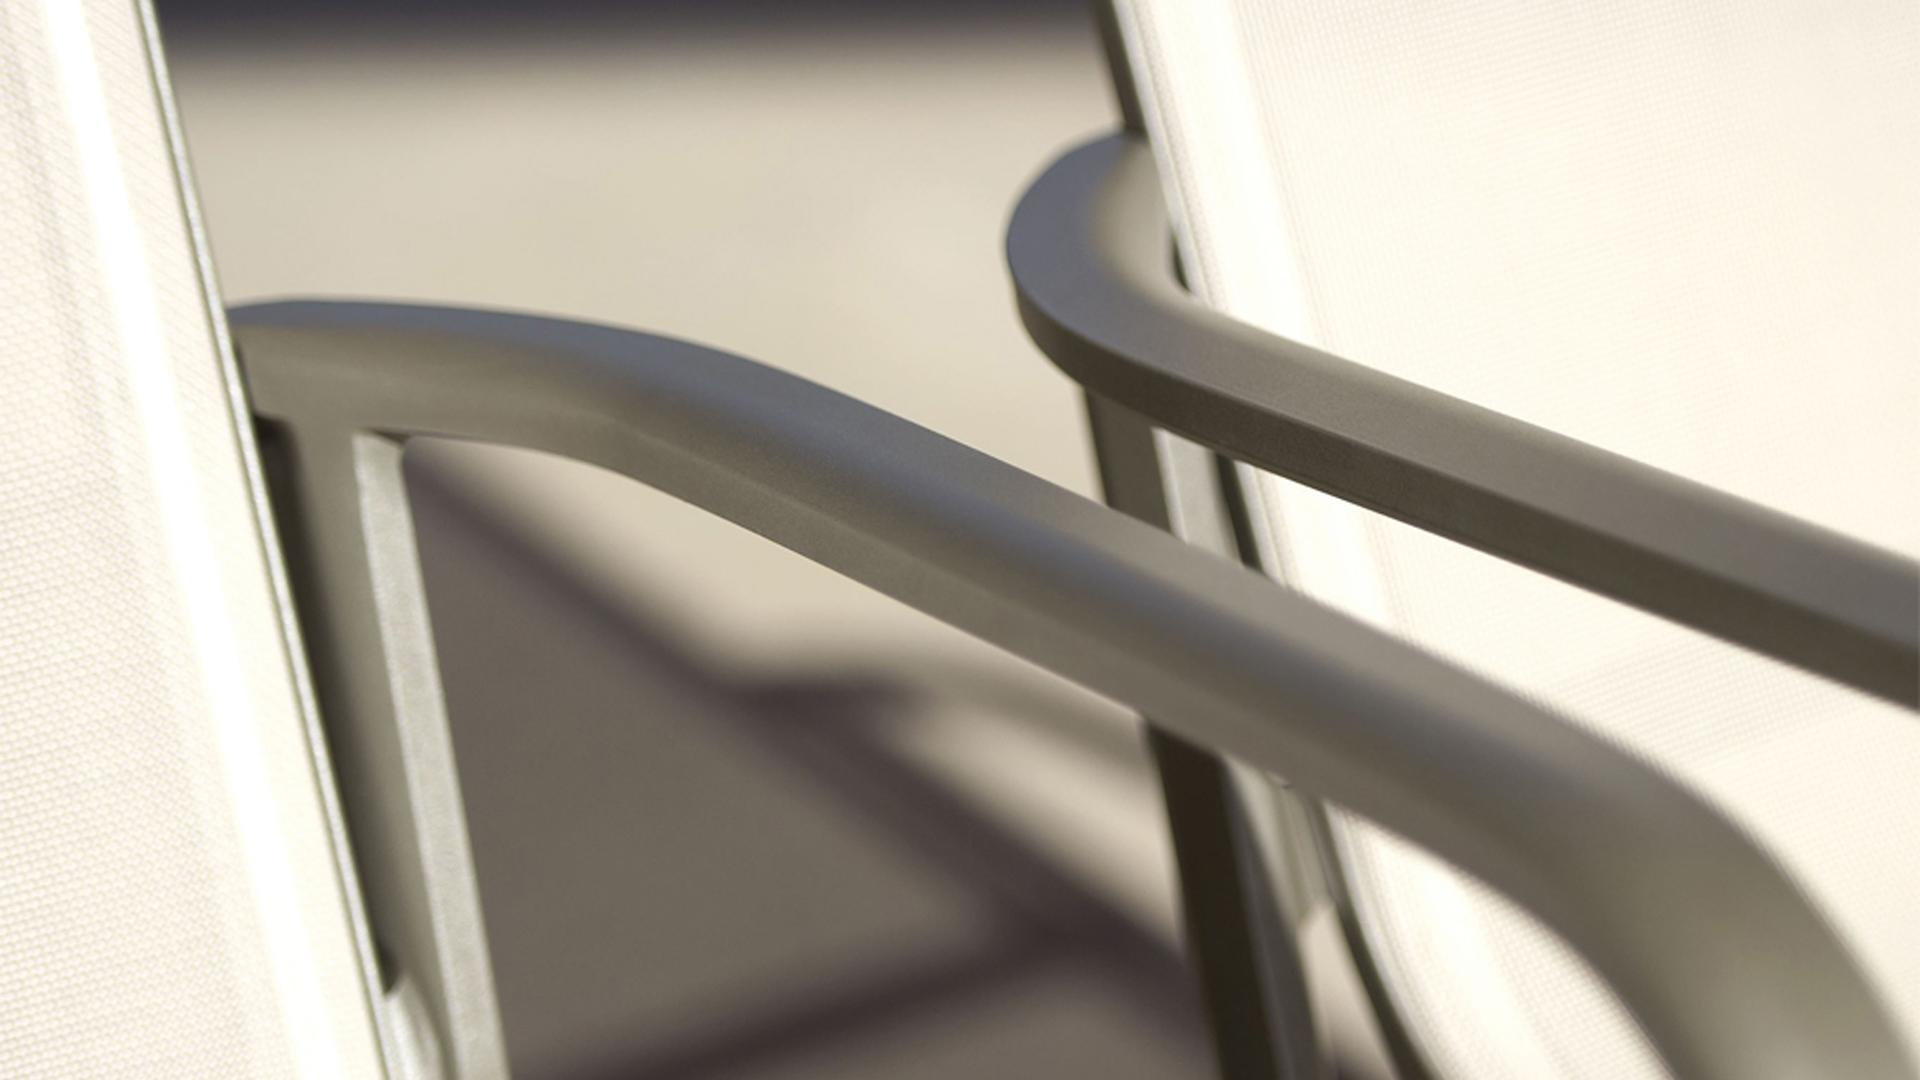 Le siège extérieur HEGOA possède une structure en aluminium original avec assises en batilyne® galbées. Ce fauteuil d'extérieur offre ergonomie et confort exceptionnel. Les fauteuils HEGOA s'adaptent à tout type d'extérieur et d'environnement. Un siège idéal pour l'ameublement extérieur, ameublement de restaurants, mobilier pour hotels.